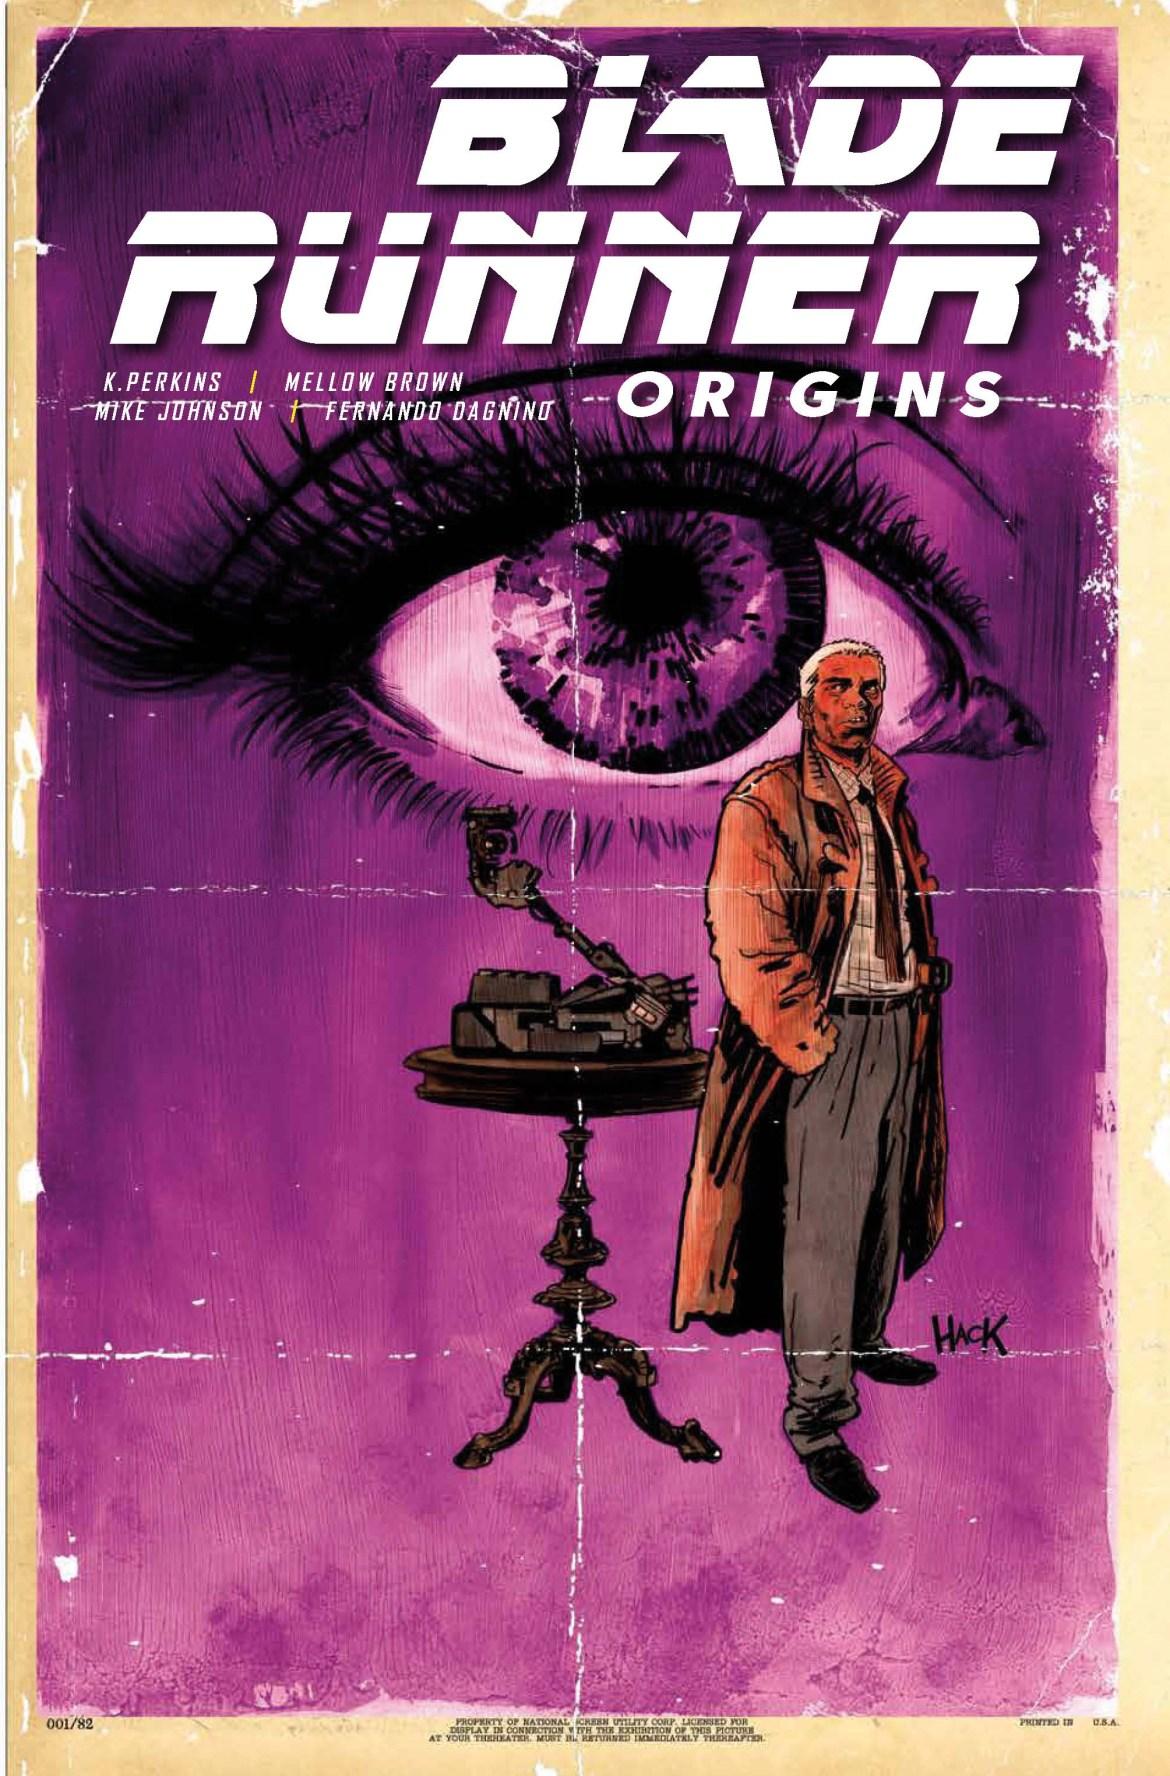 Blade-Runner-Origins-2D-HACK Titan Comics March 2021 Solicitations